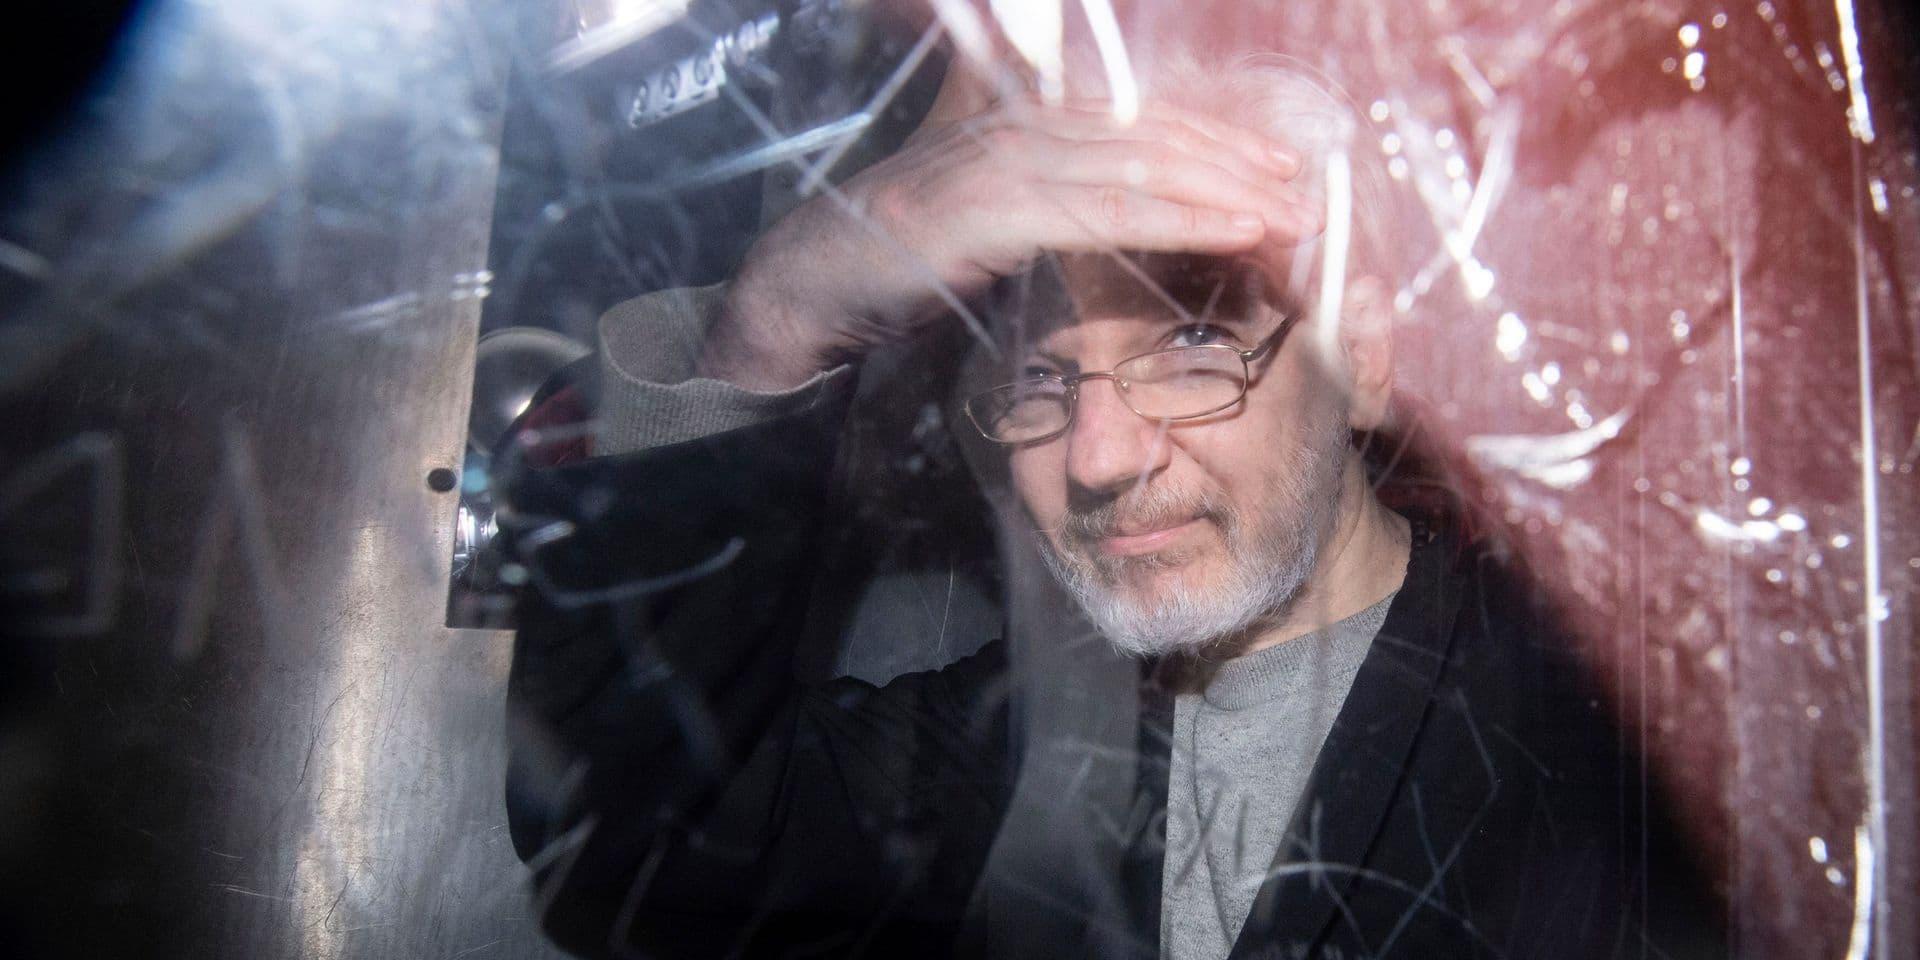 """""""Il a de plus en plus de mal à parler, il est parfois prostré"""": Dupond-Moretti veut demander l'asile politique pour Assange à Emmanuel Macron"""